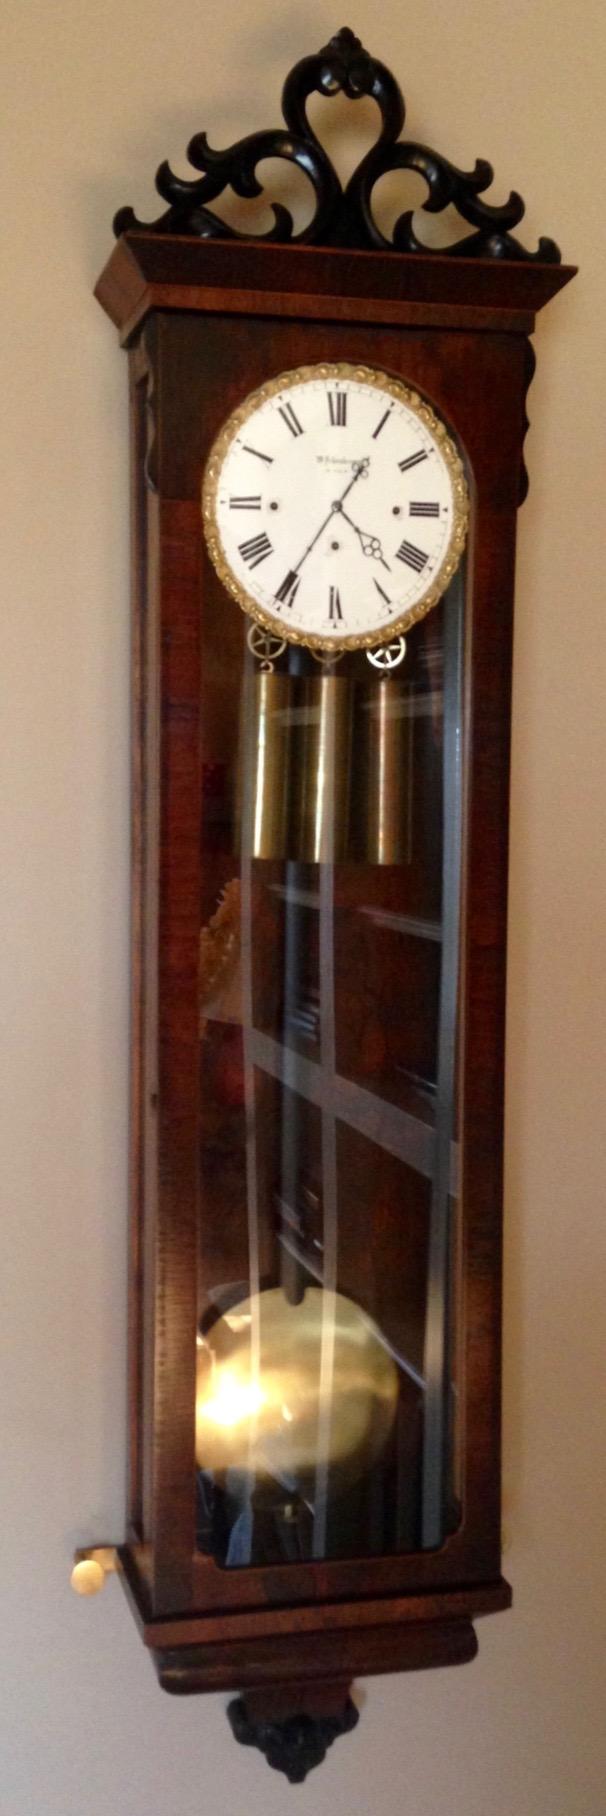 Wenzel schonberger vienna regulator clock at antique clock wenzel schonberger vienna regulator clock at antique clock amipublicfo Images